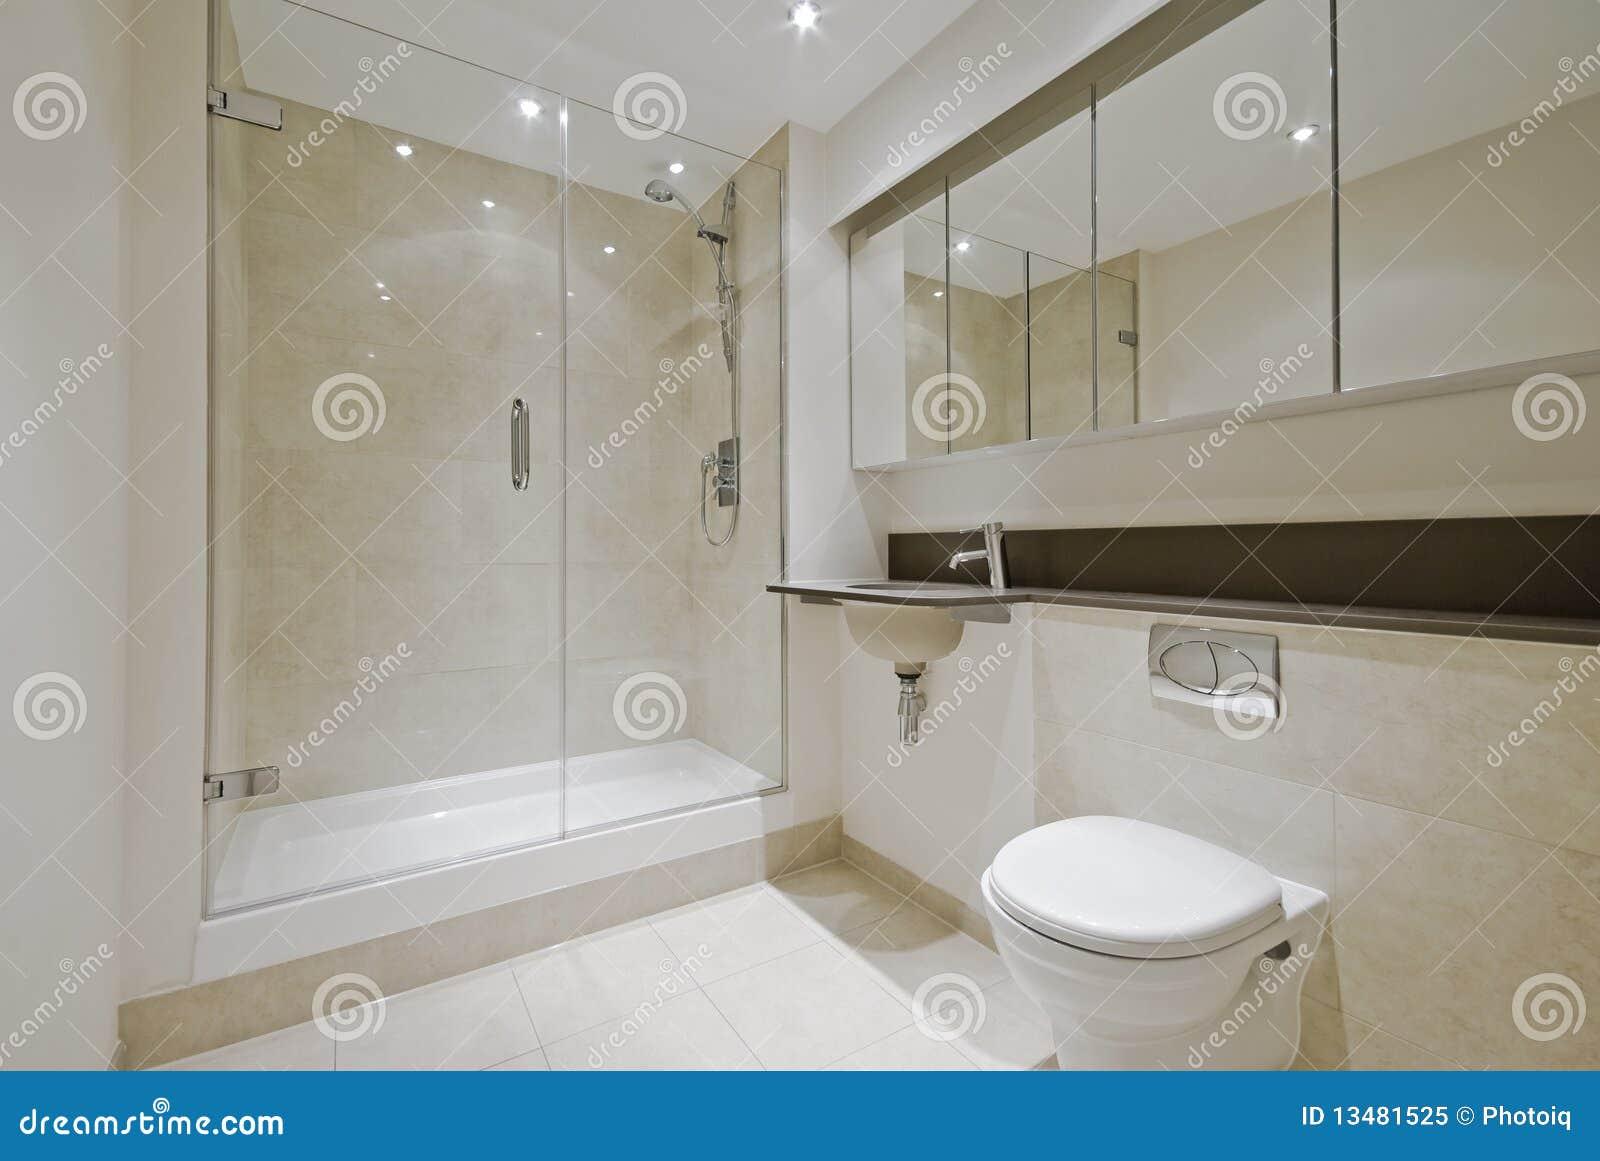 Sala Da Bagno Moderna : Stanza da bagno moderna della en serie immagine stock immagine di